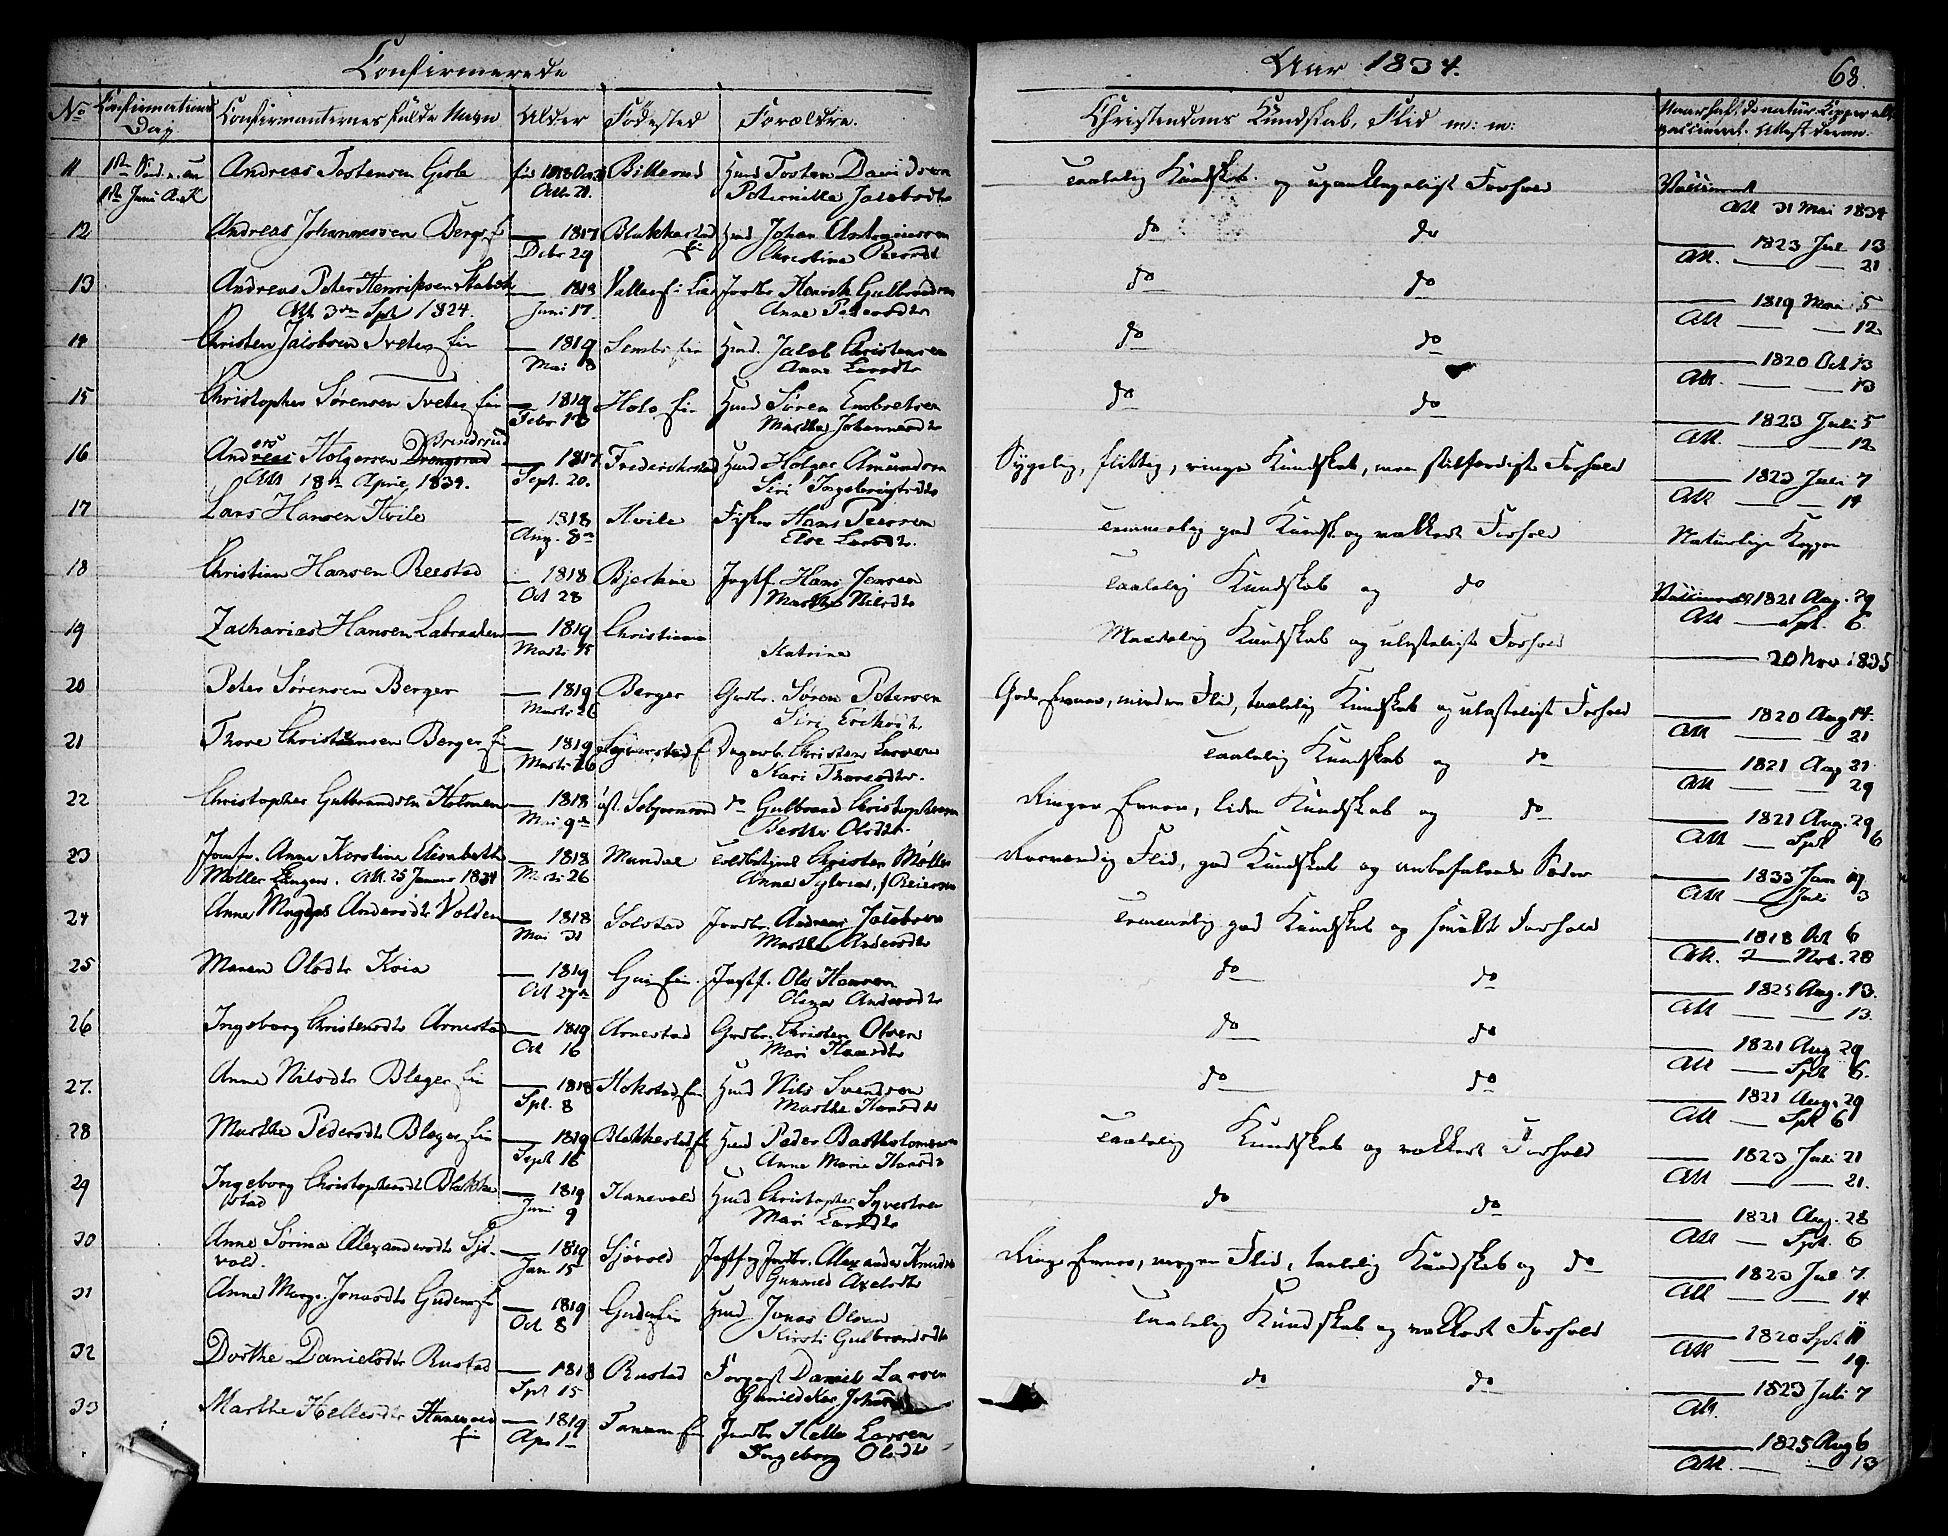 SAO, Asker prestekontor Kirkebøker, F/Fa/L0009: Ministerialbok nr. I 9, 1825-1878, s. 68